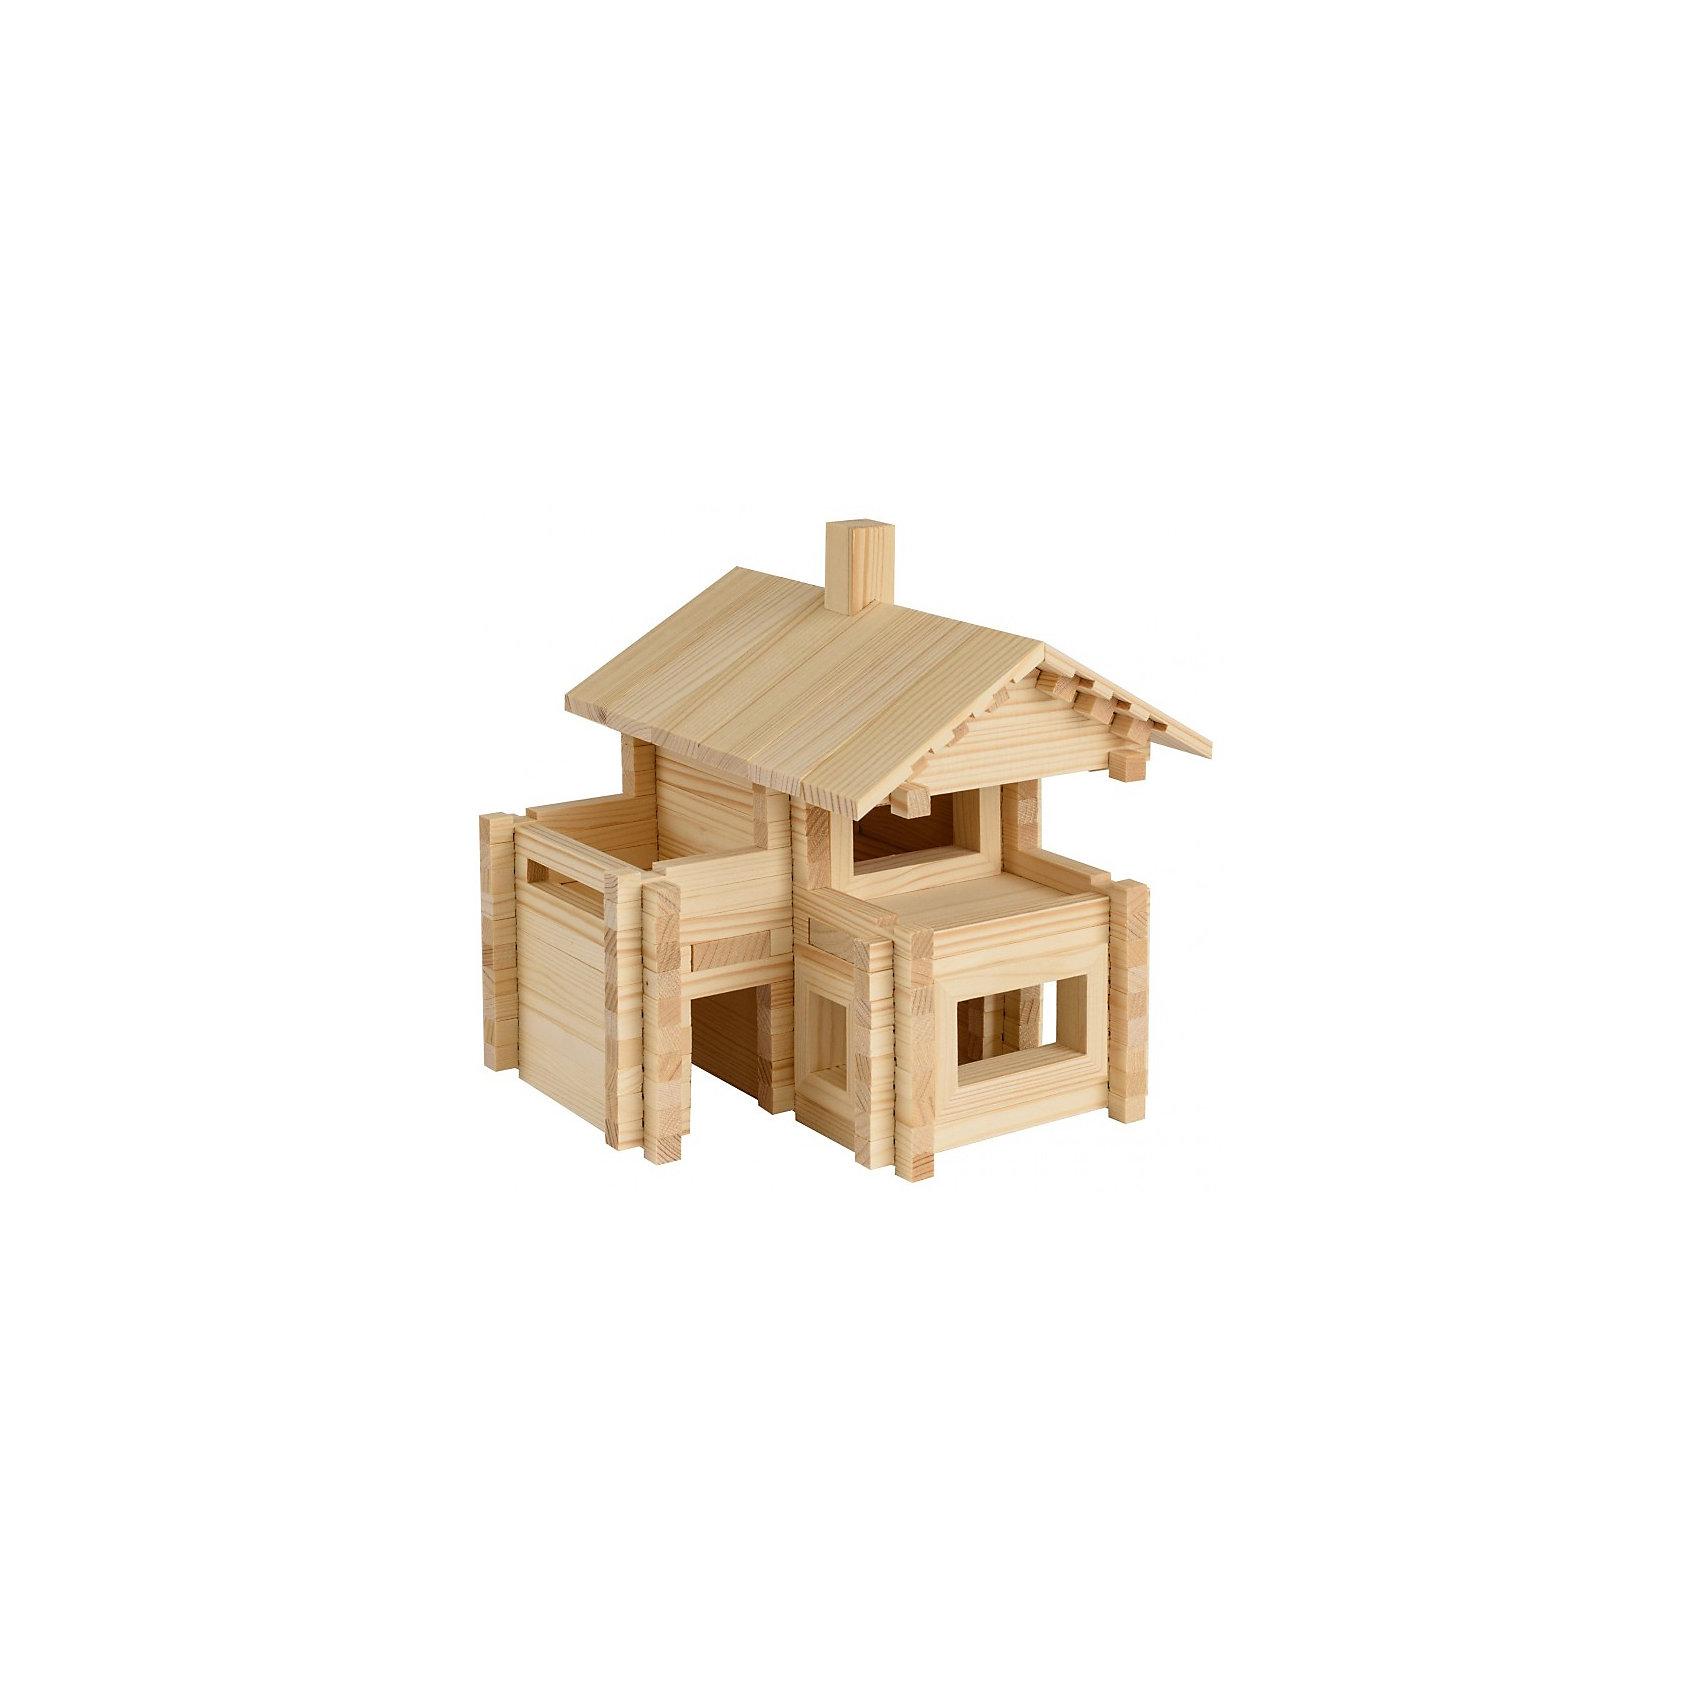 Конструктор ЛЕСОВИЧОК 003 Разборный домик №3 набор из 150 деталейДеревянные конструкторы<br>Все детали конструкторов РАЗБОРНЫЙ ДОМИК подходят друг к другу. Различие между наборами заключается в количестве и разнообразии деталей, и, как следствие, в количестве и сложности домиков, которые можно построить из данного набора. Каждый следующий набор, как правило, включает в себя всё разнообразие деталей из предыдущего, и, в тоже время, новые их виды. Из каждого набора РАЗБОРНЫЙ ДОМИК можно собрать, как минимум, то количество домиков, которое указано на коробке, чем больше набор – тем сложнее домики и больше их количество.<br><br>Дополнительная информация:<br><br>- в наборе 150 деталей<br>- материал: дерево (сосна)<br><br>Конструктор ЛЕСОВИЧОК 003 Разборный домик №3 набор из 150 деталей можно купить в нашем магазине.<br><br>Ширина мм: 295<br>Глубина мм: 265<br>Высота мм: 70<br>Вес г: 1000<br>Возраст от месяцев: 36<br>Возраст до месяцев: 180<br>Пол: Унисекс<br>Возраст: Детский<br>SKU: 2568360